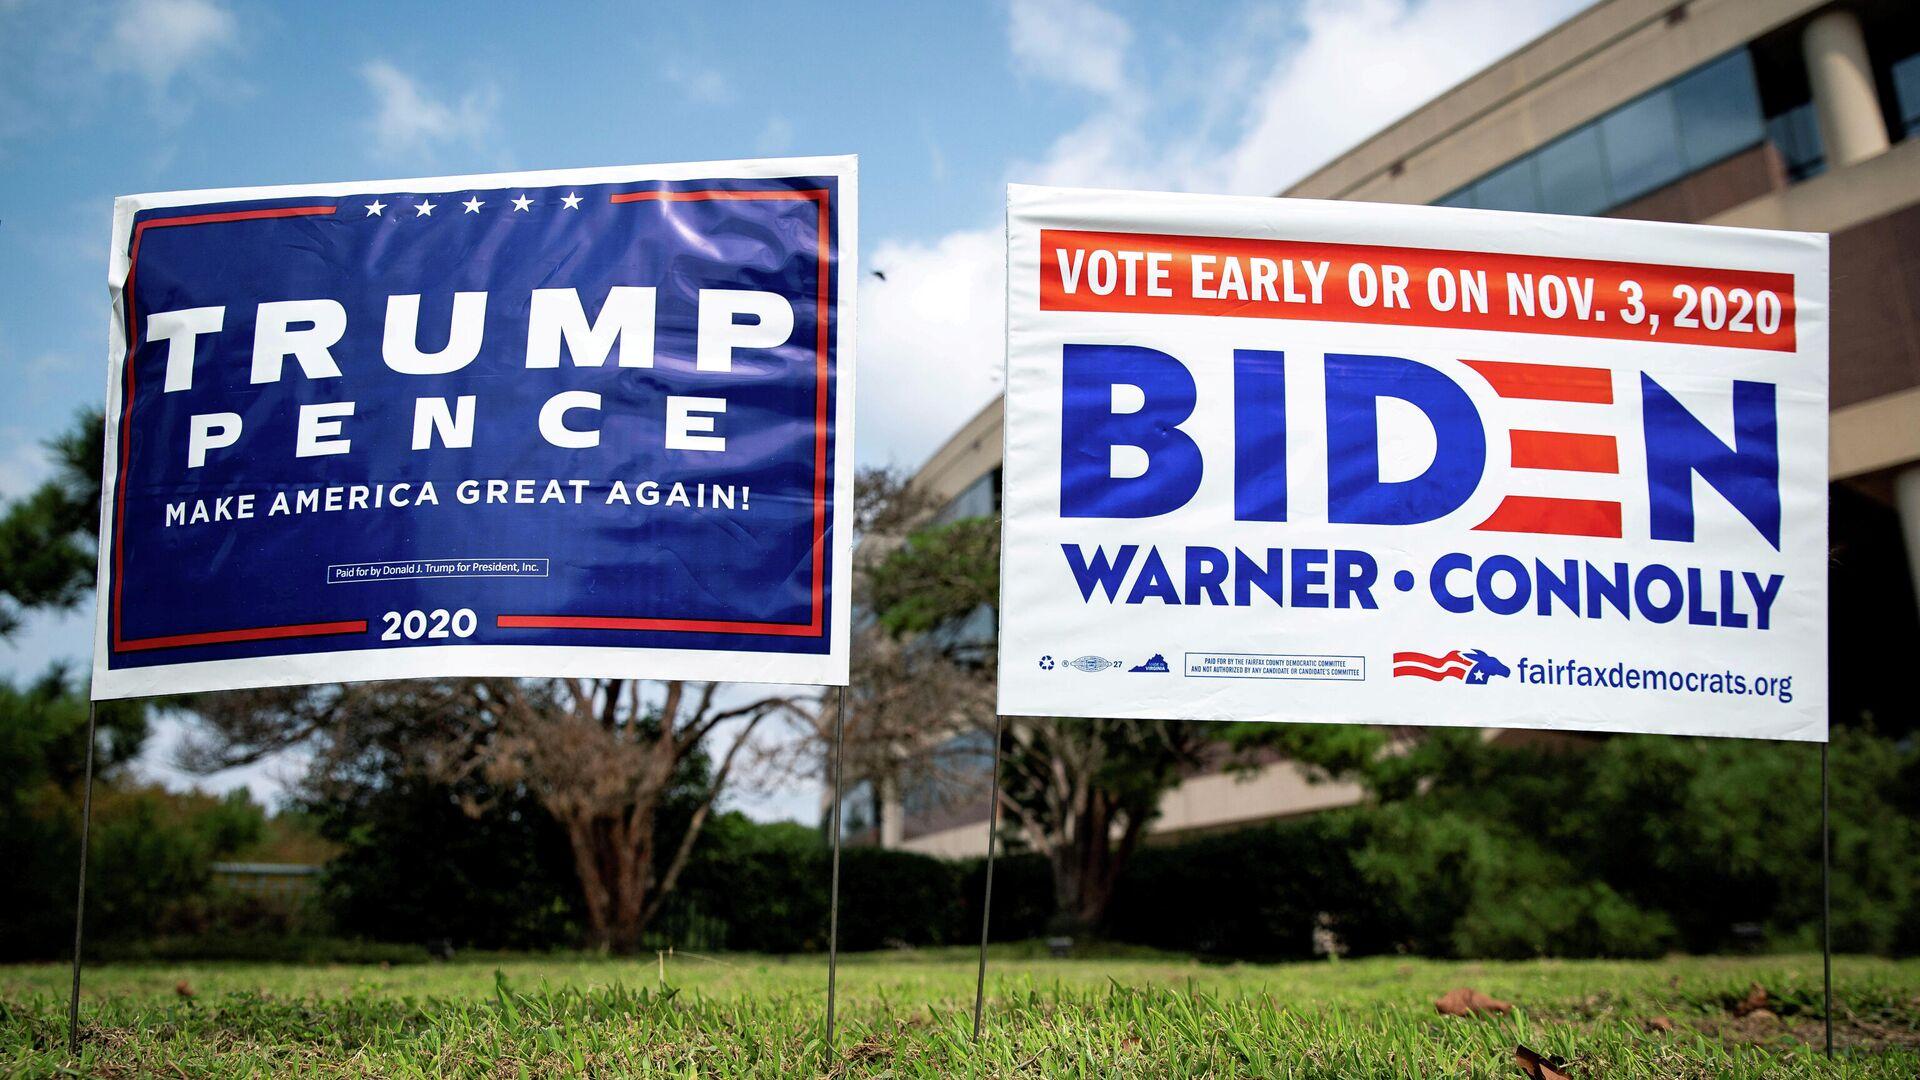 Плакаты в поддержку президента США Дональда Трампа и кандидата в президенты от Демократической партии США Джо Байдена - РИА Новости, 1920, 19.10.2020